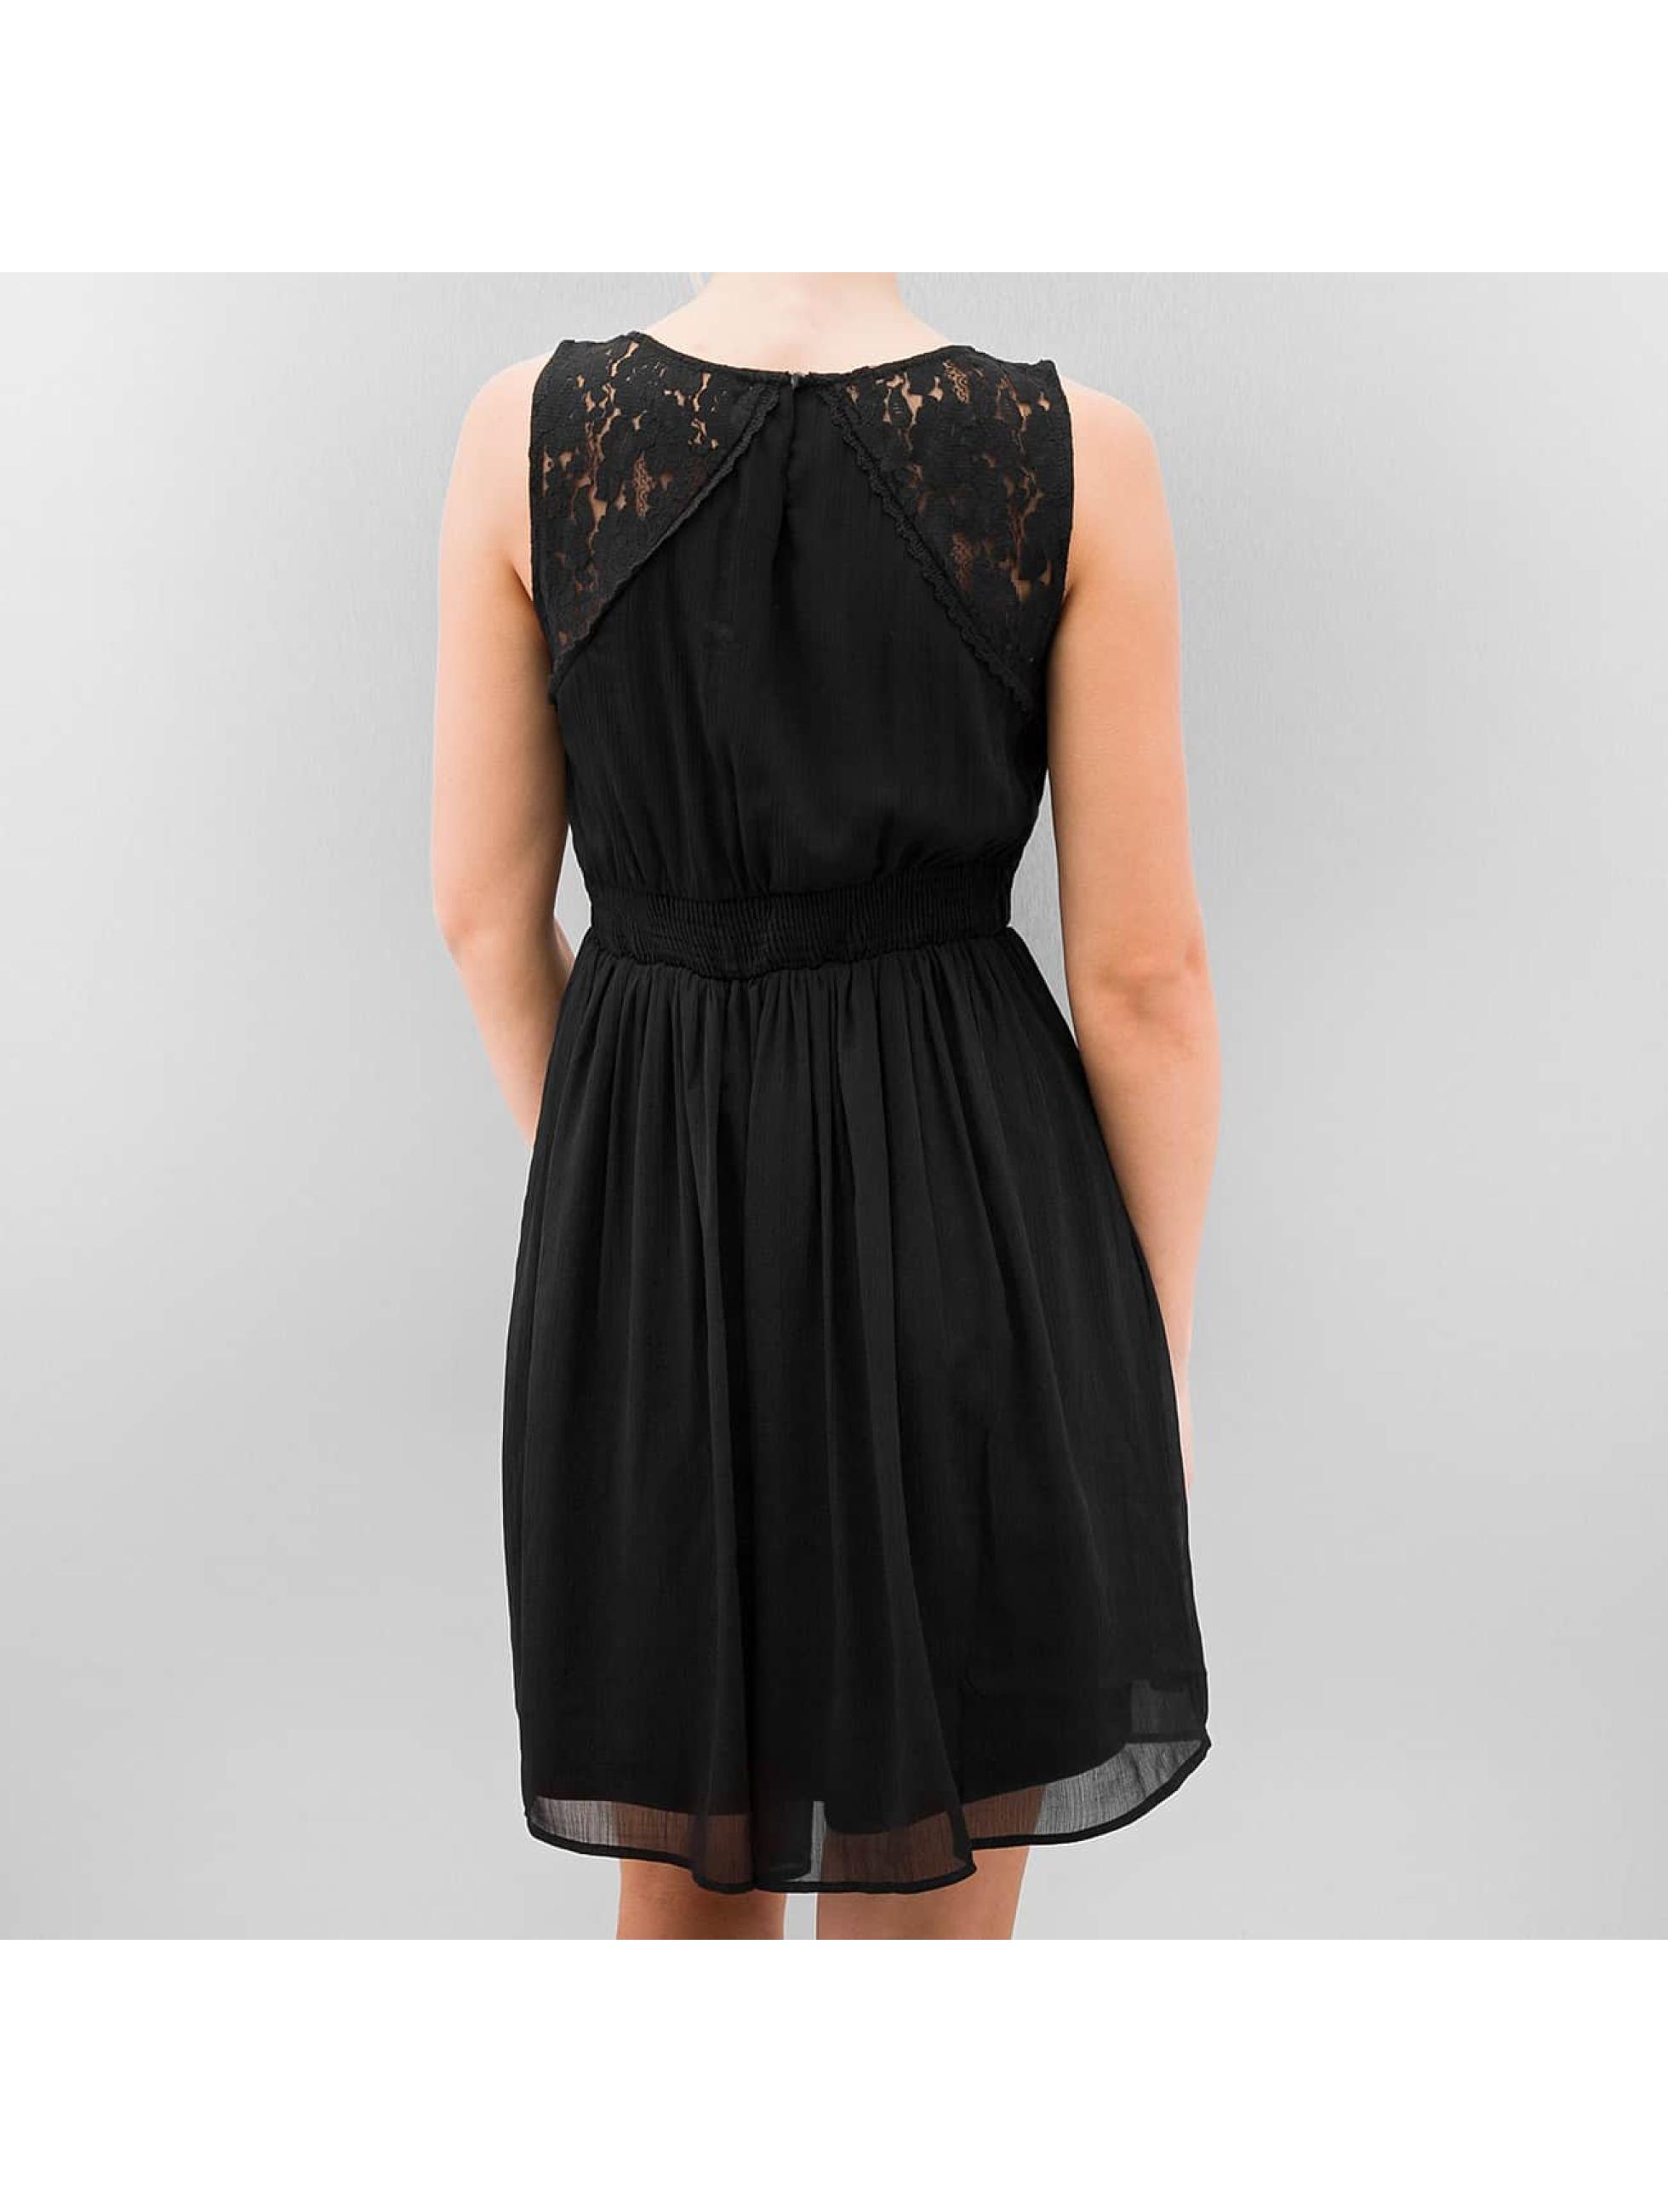 Vero Moda Damen Kleider / Kleid vmFreya   eBay